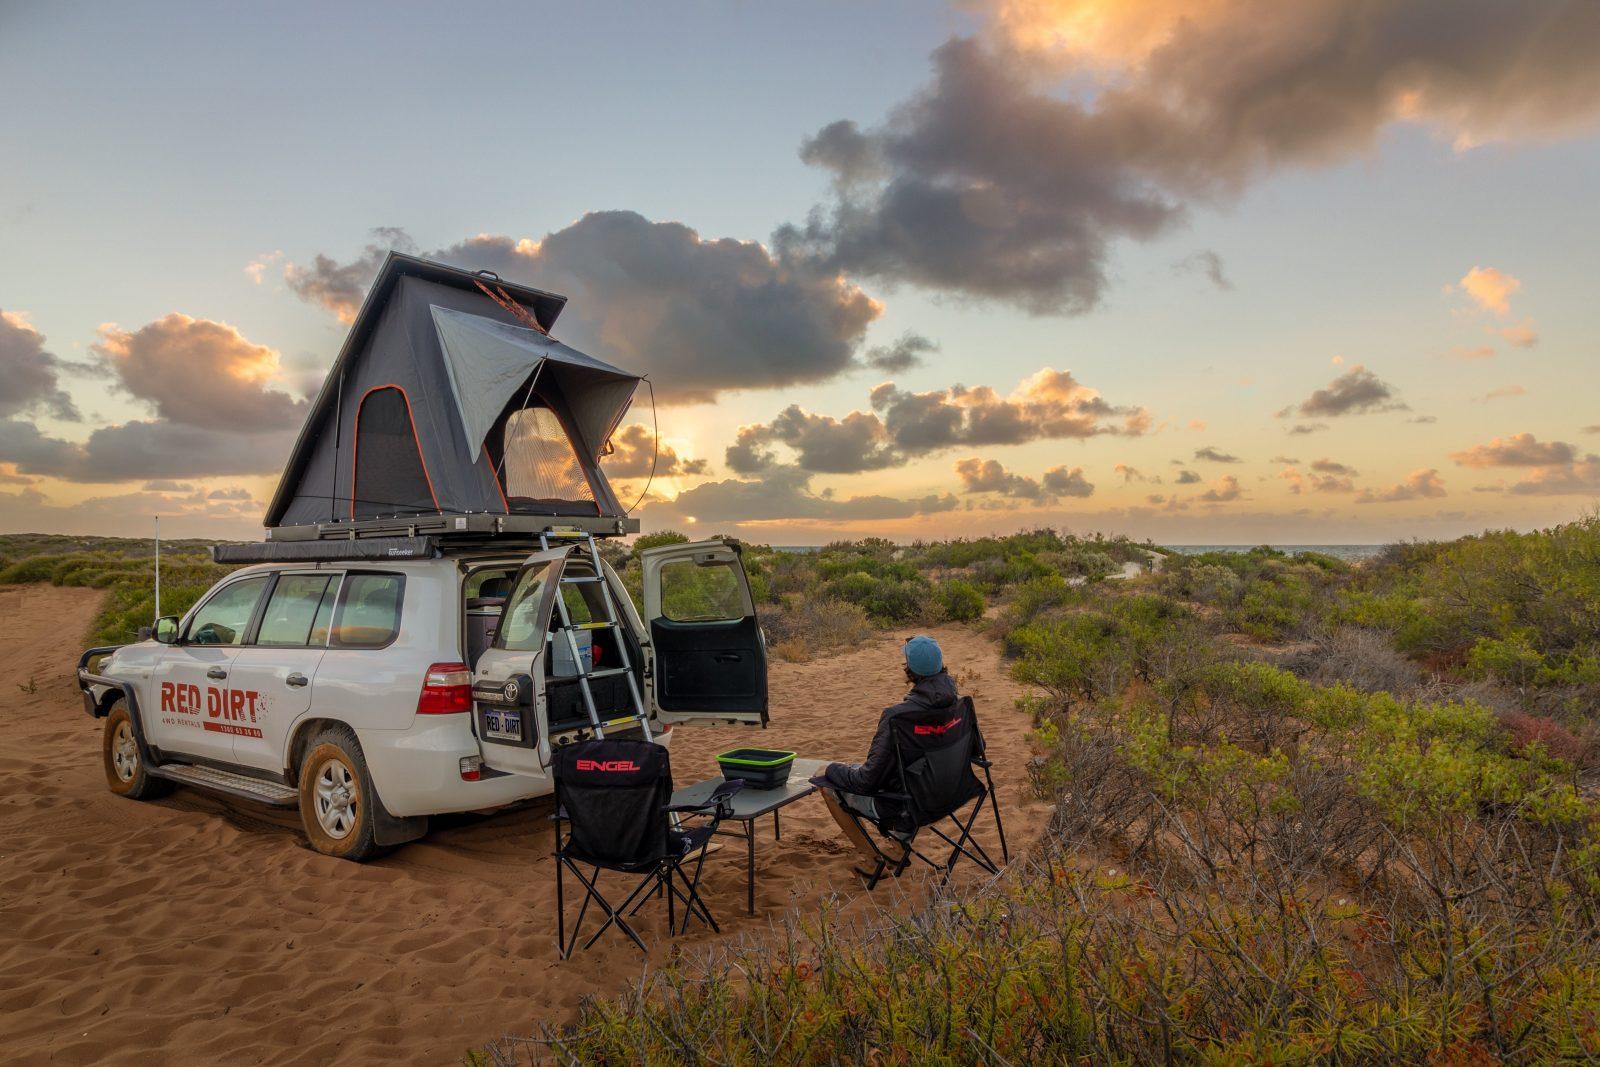 Red Dirt 4WD Rentals, Osborne Park, Western Australia